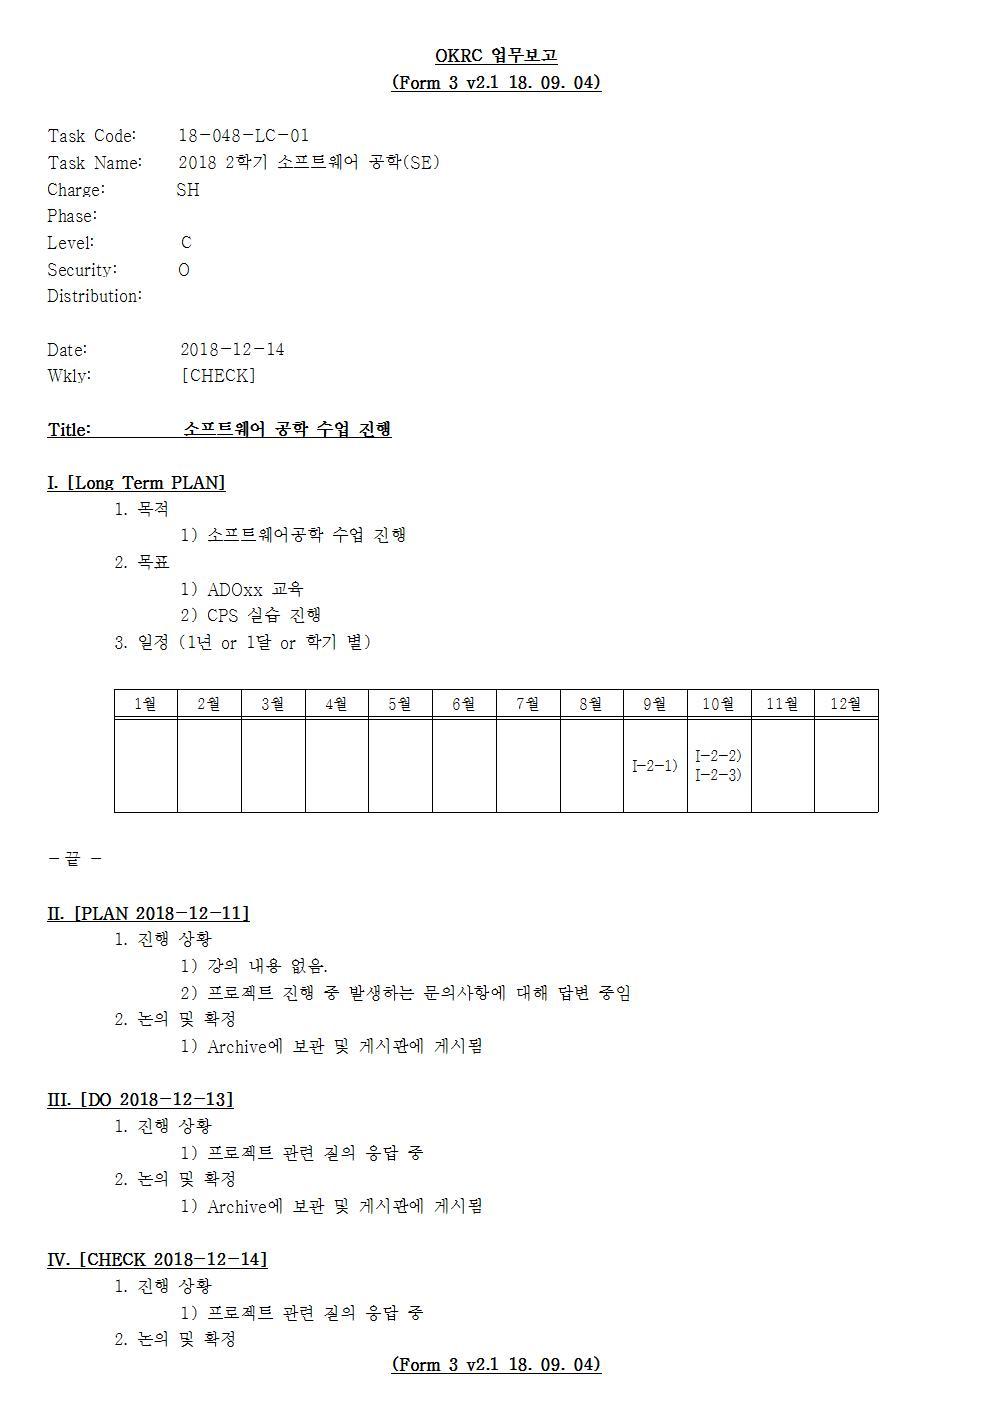 D-[18-048-LC-01]-[SE]-[2018-12-14][SH]001.jpg